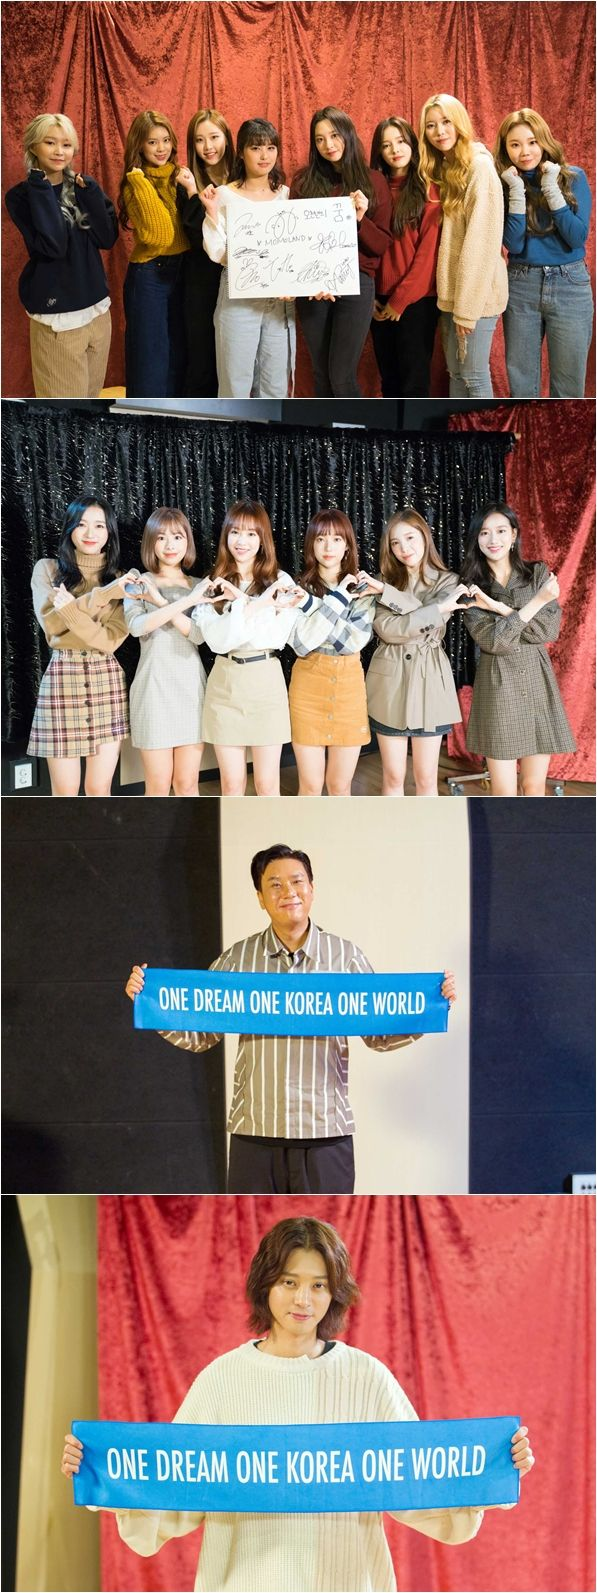 이상민·김조한·정준영·모모랜드 등 '2019 원케이 콘서트' 라인업 공개